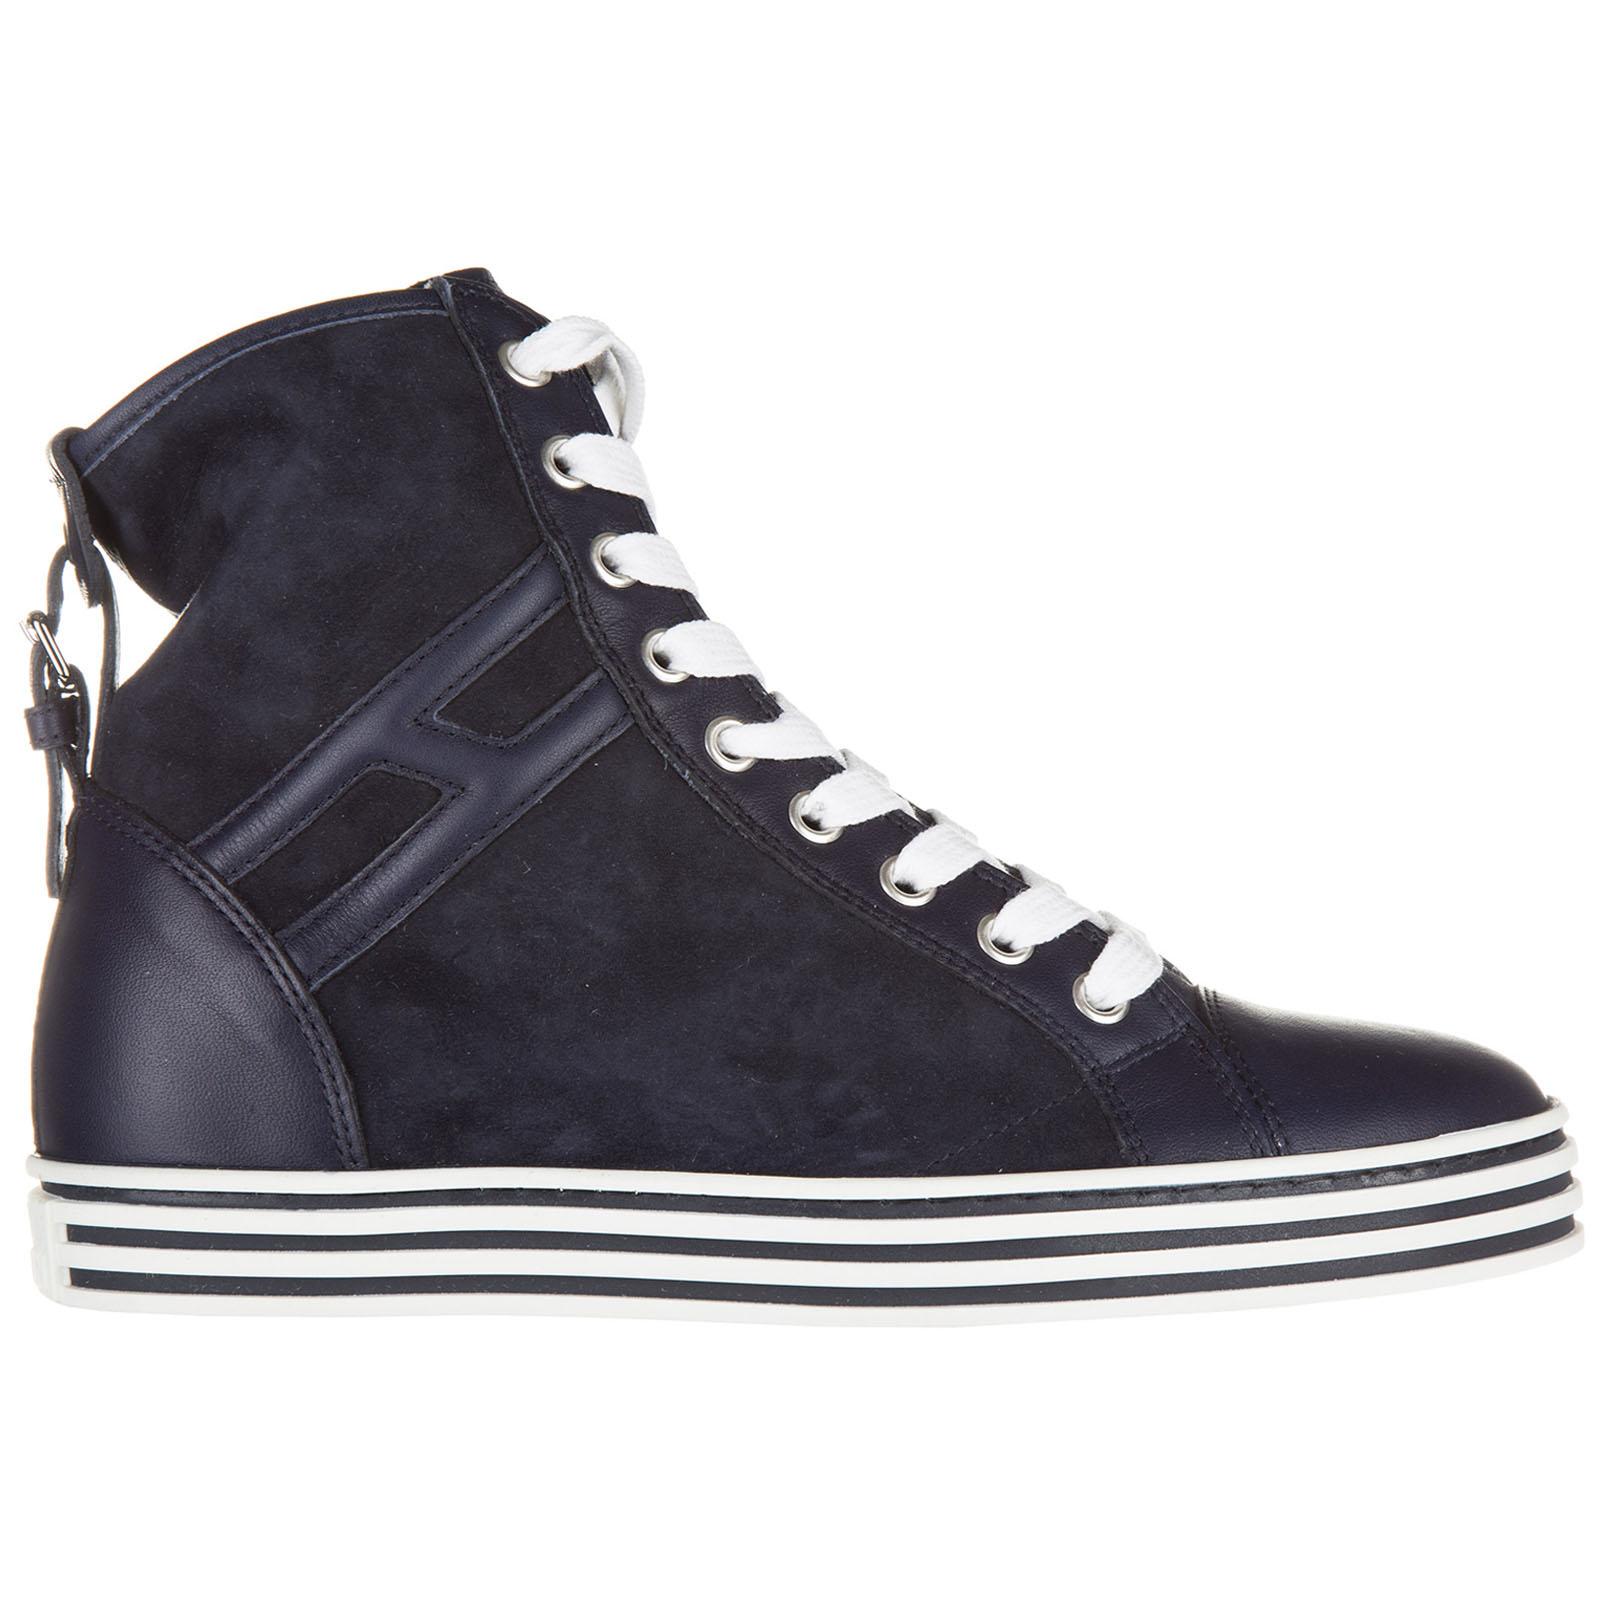 Scarpe sneakers alte donna in camoscio rebel r182 polacco con fibbia